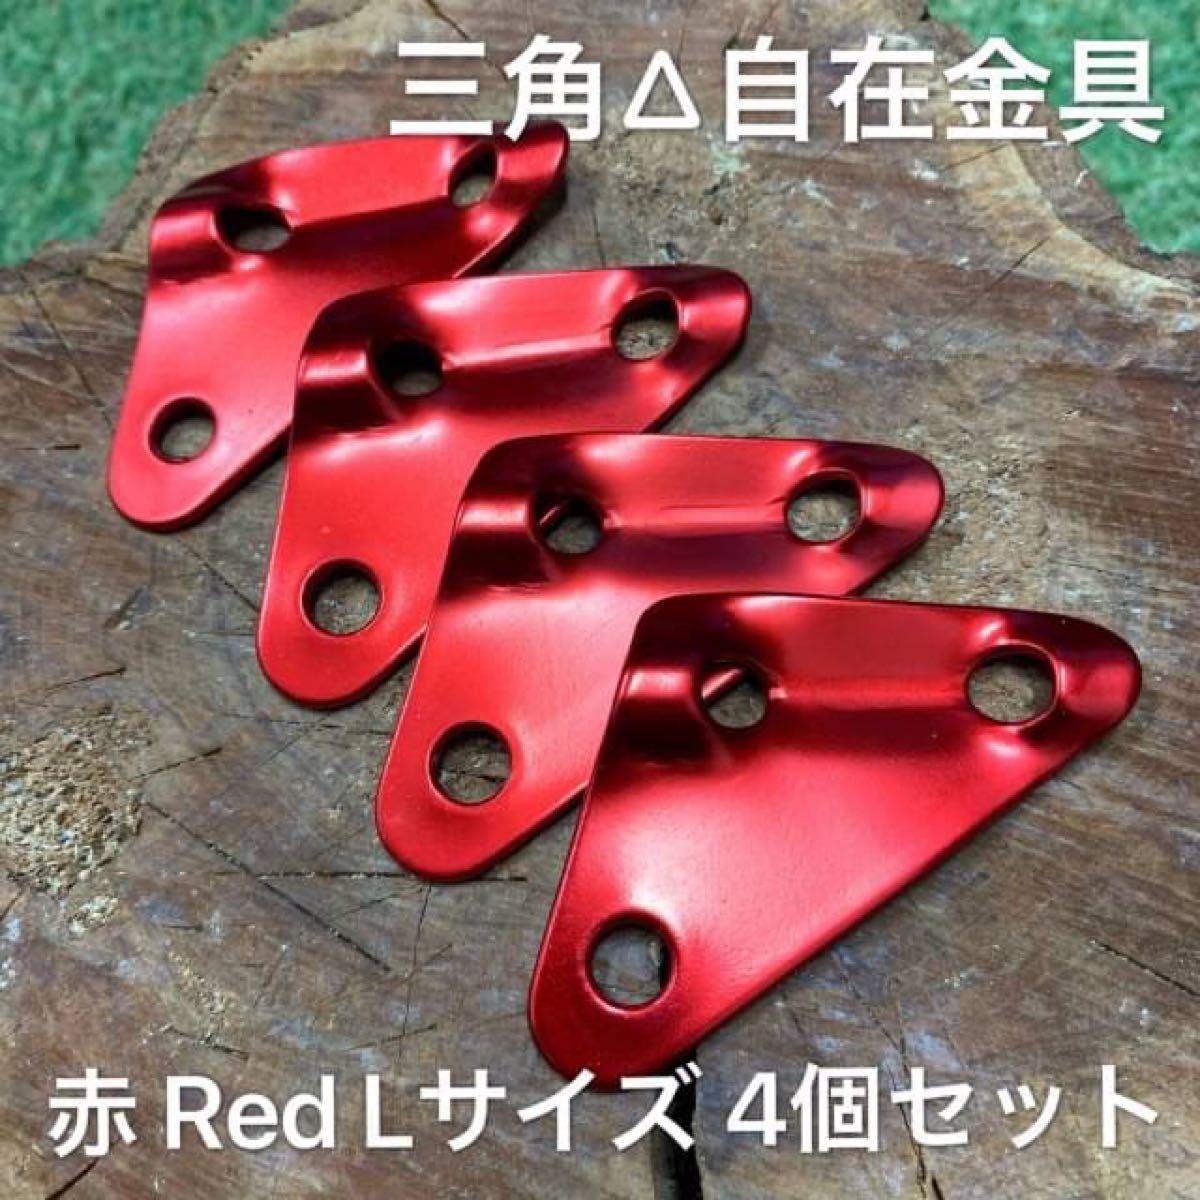 三角△アルミ自在金具 レッド Lサイズ 4個 ロープ長さ調整 三つ穴